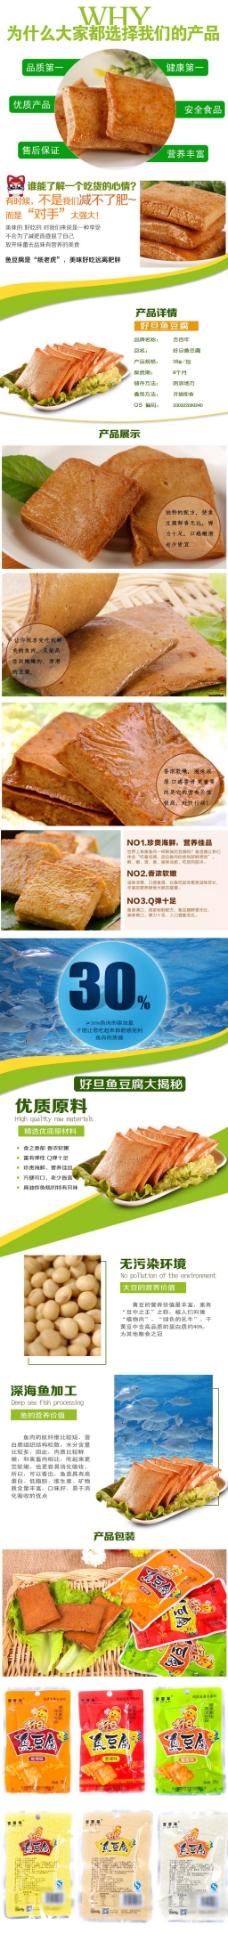 鱼豆腐淘宝详情页图片